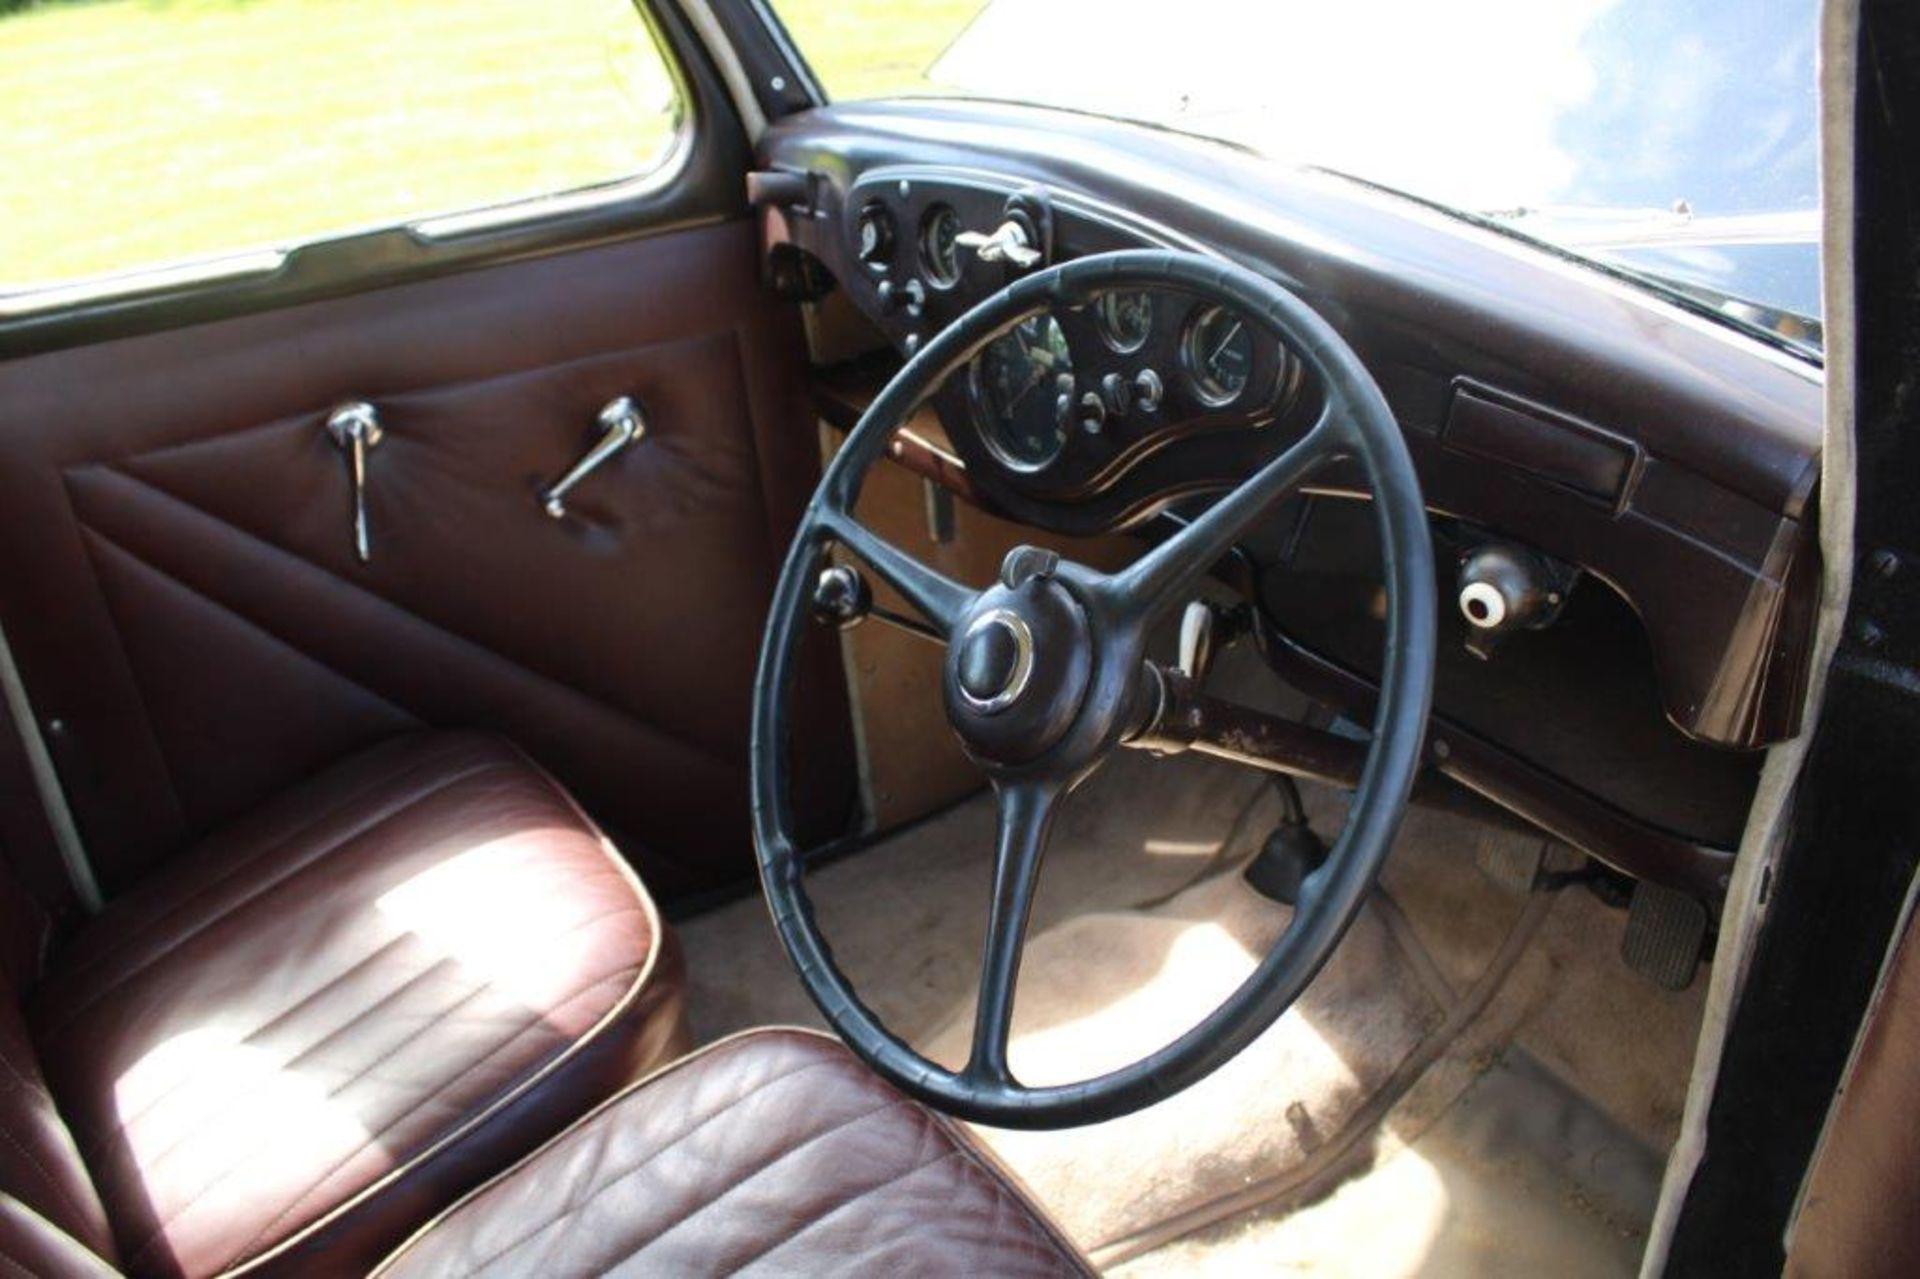 1946 Ford Prefect E93A - Image 17 of 30